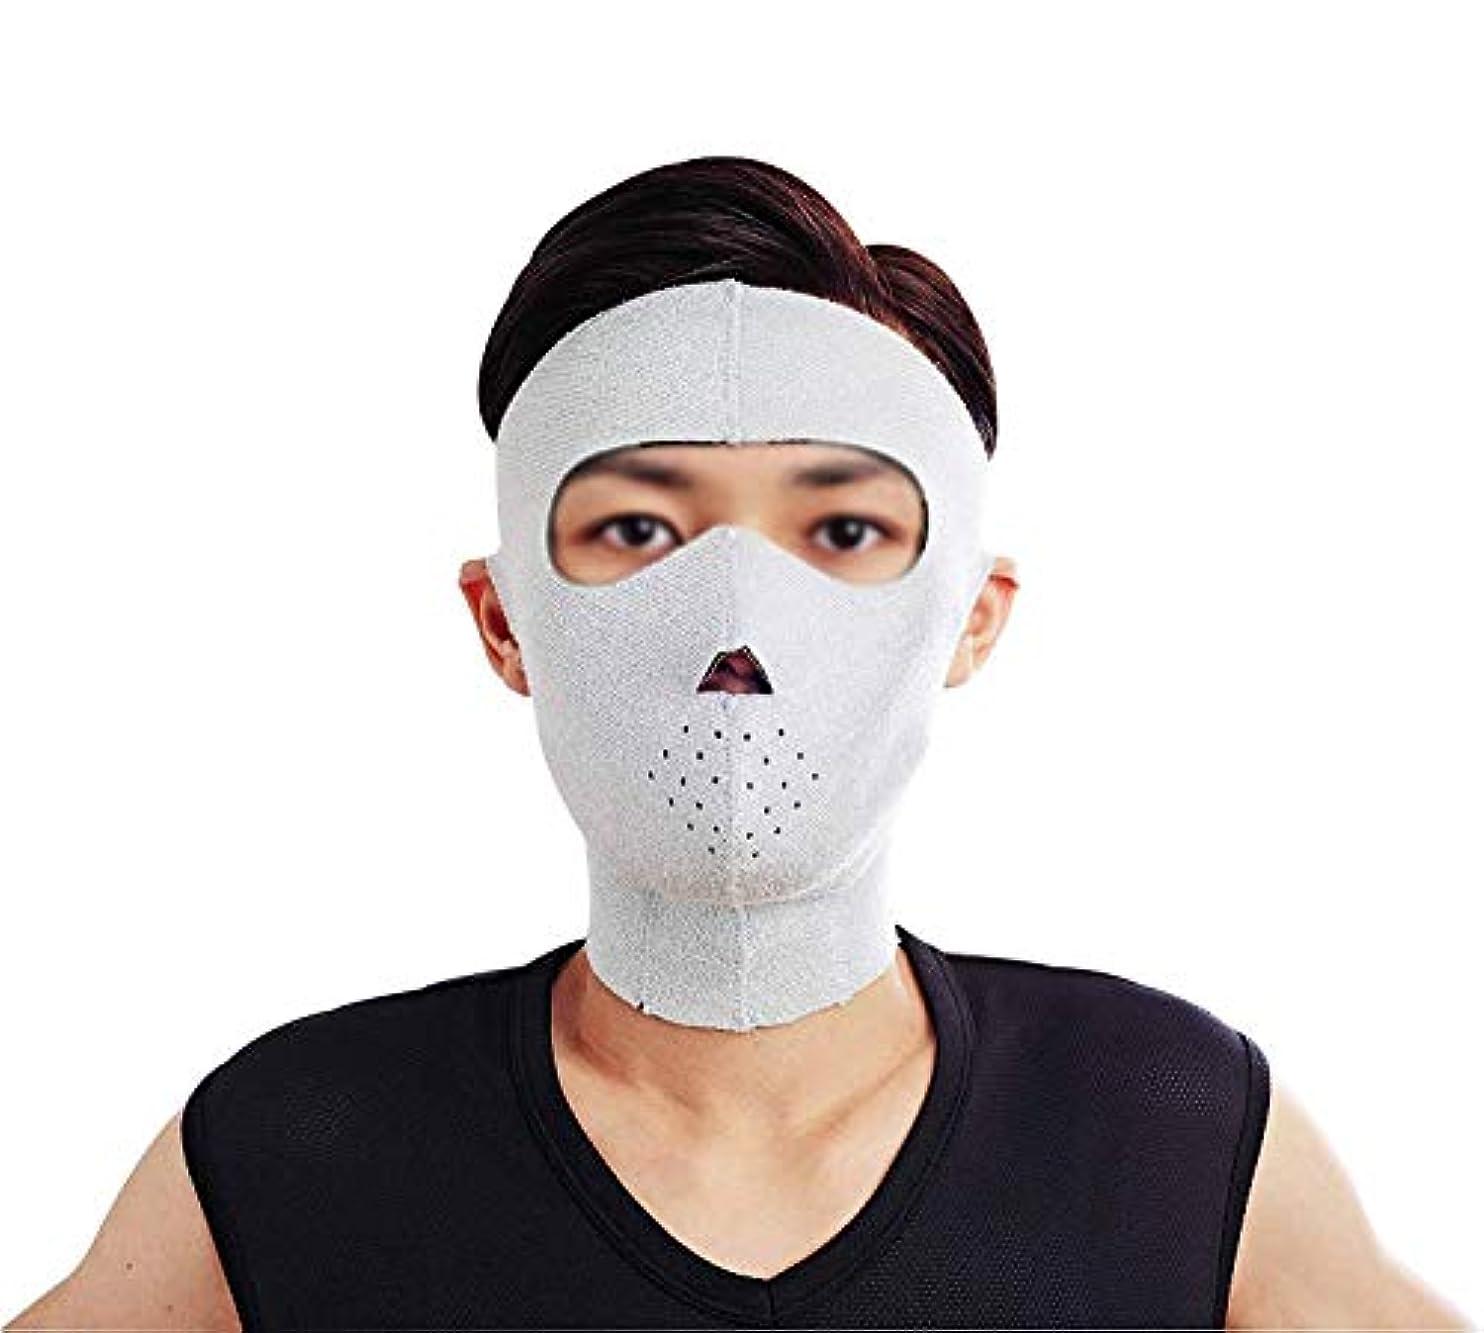 寛大なスイッチスペクトラムフェイスリフトマスク、フェイシャルマスクプラス薄いフェイスマスクタイトなたるみの薄いフェイスマスクフェイシャル薄いフェイスマスクアーティファクトビューティー男性ネックストラップ付き